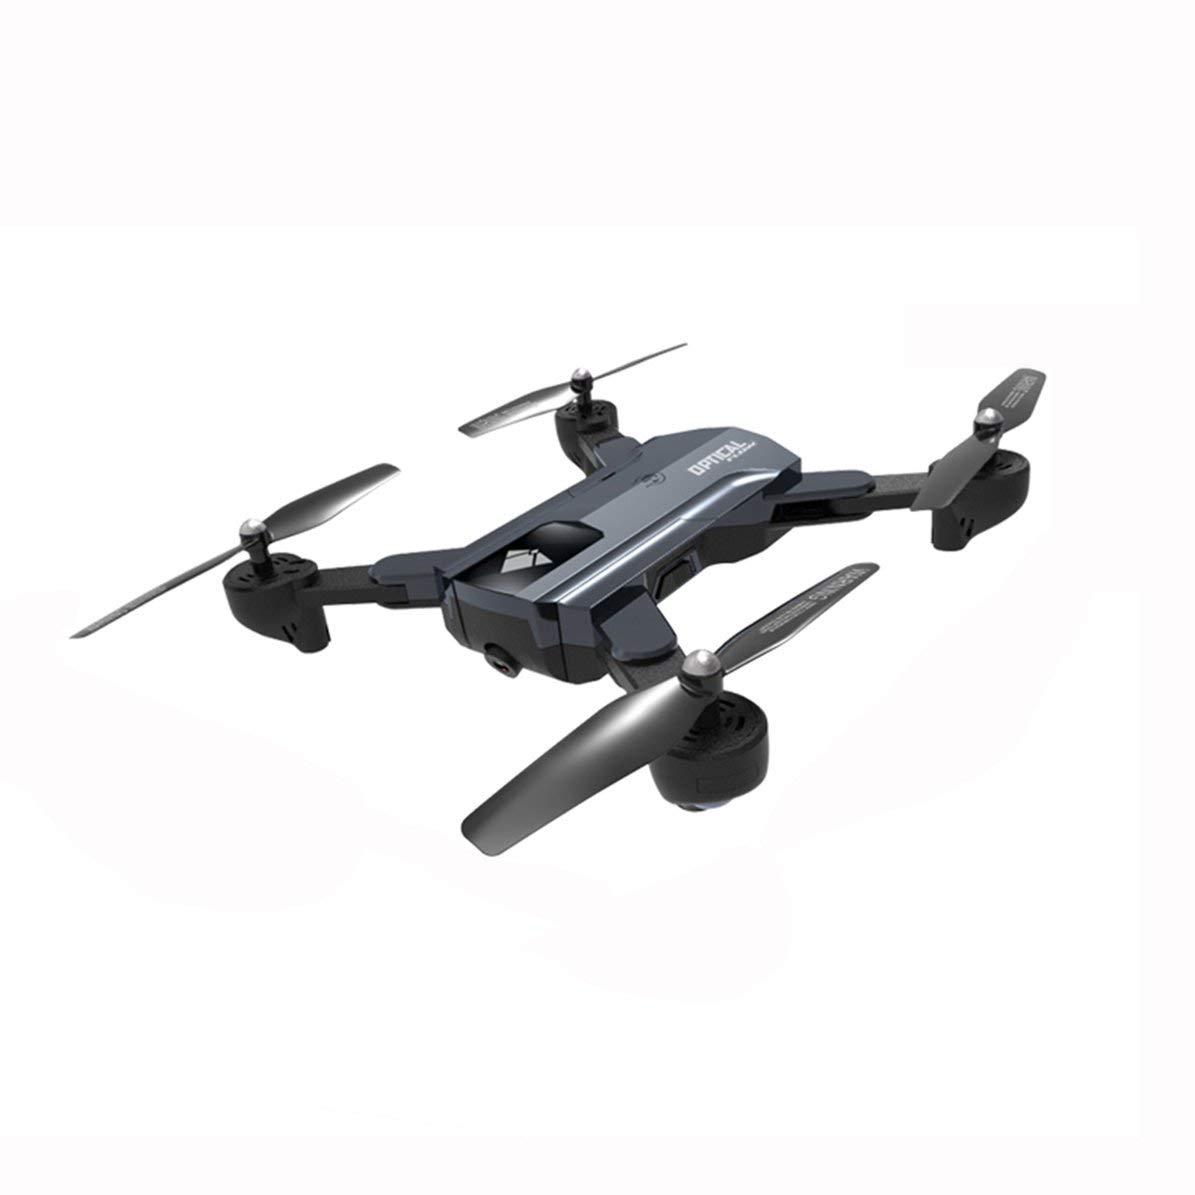 basso prezzo del 40% F196 Localizzazione del Flusso Ottico Quadcopter Pieghevole Drone Wi-Fi Wi-Fi Wi-Fi RC con Fotocamera HD 2.0MP Batteria 1100mAh modalità Headless  alta qualità